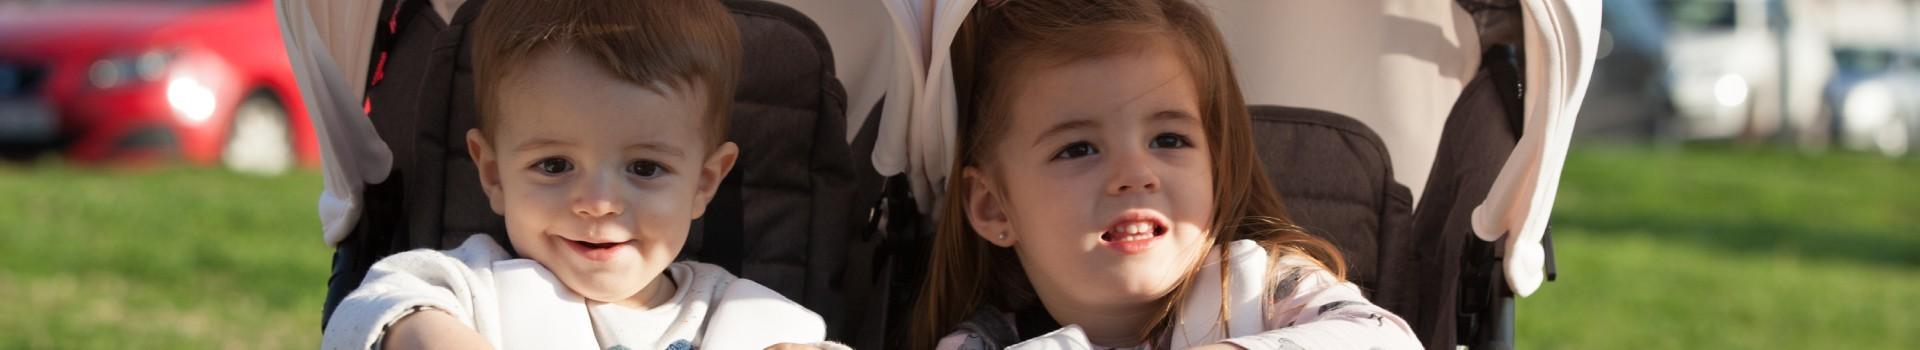 Riduttore universale per seggiolino auto o passeggino | Baby Monsters